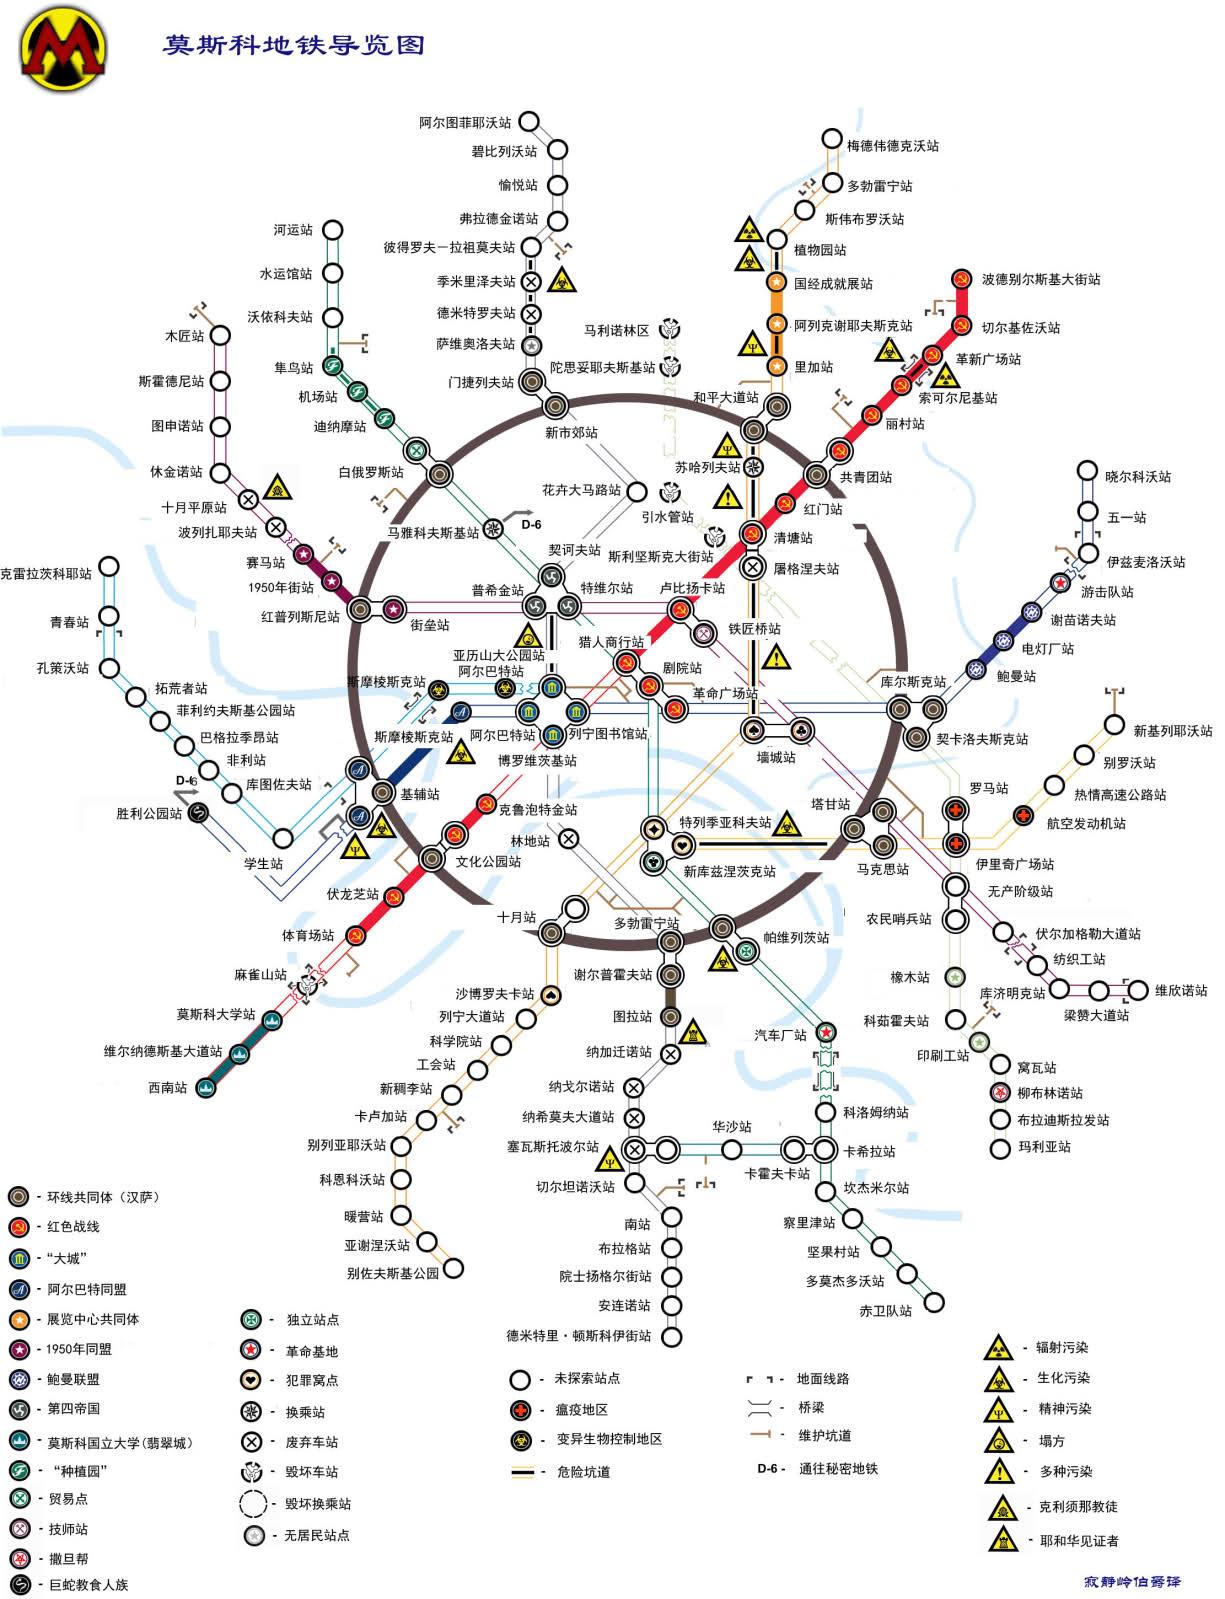 缓慢窒息的绝望,《地铁》和《辐射》里的地下生活